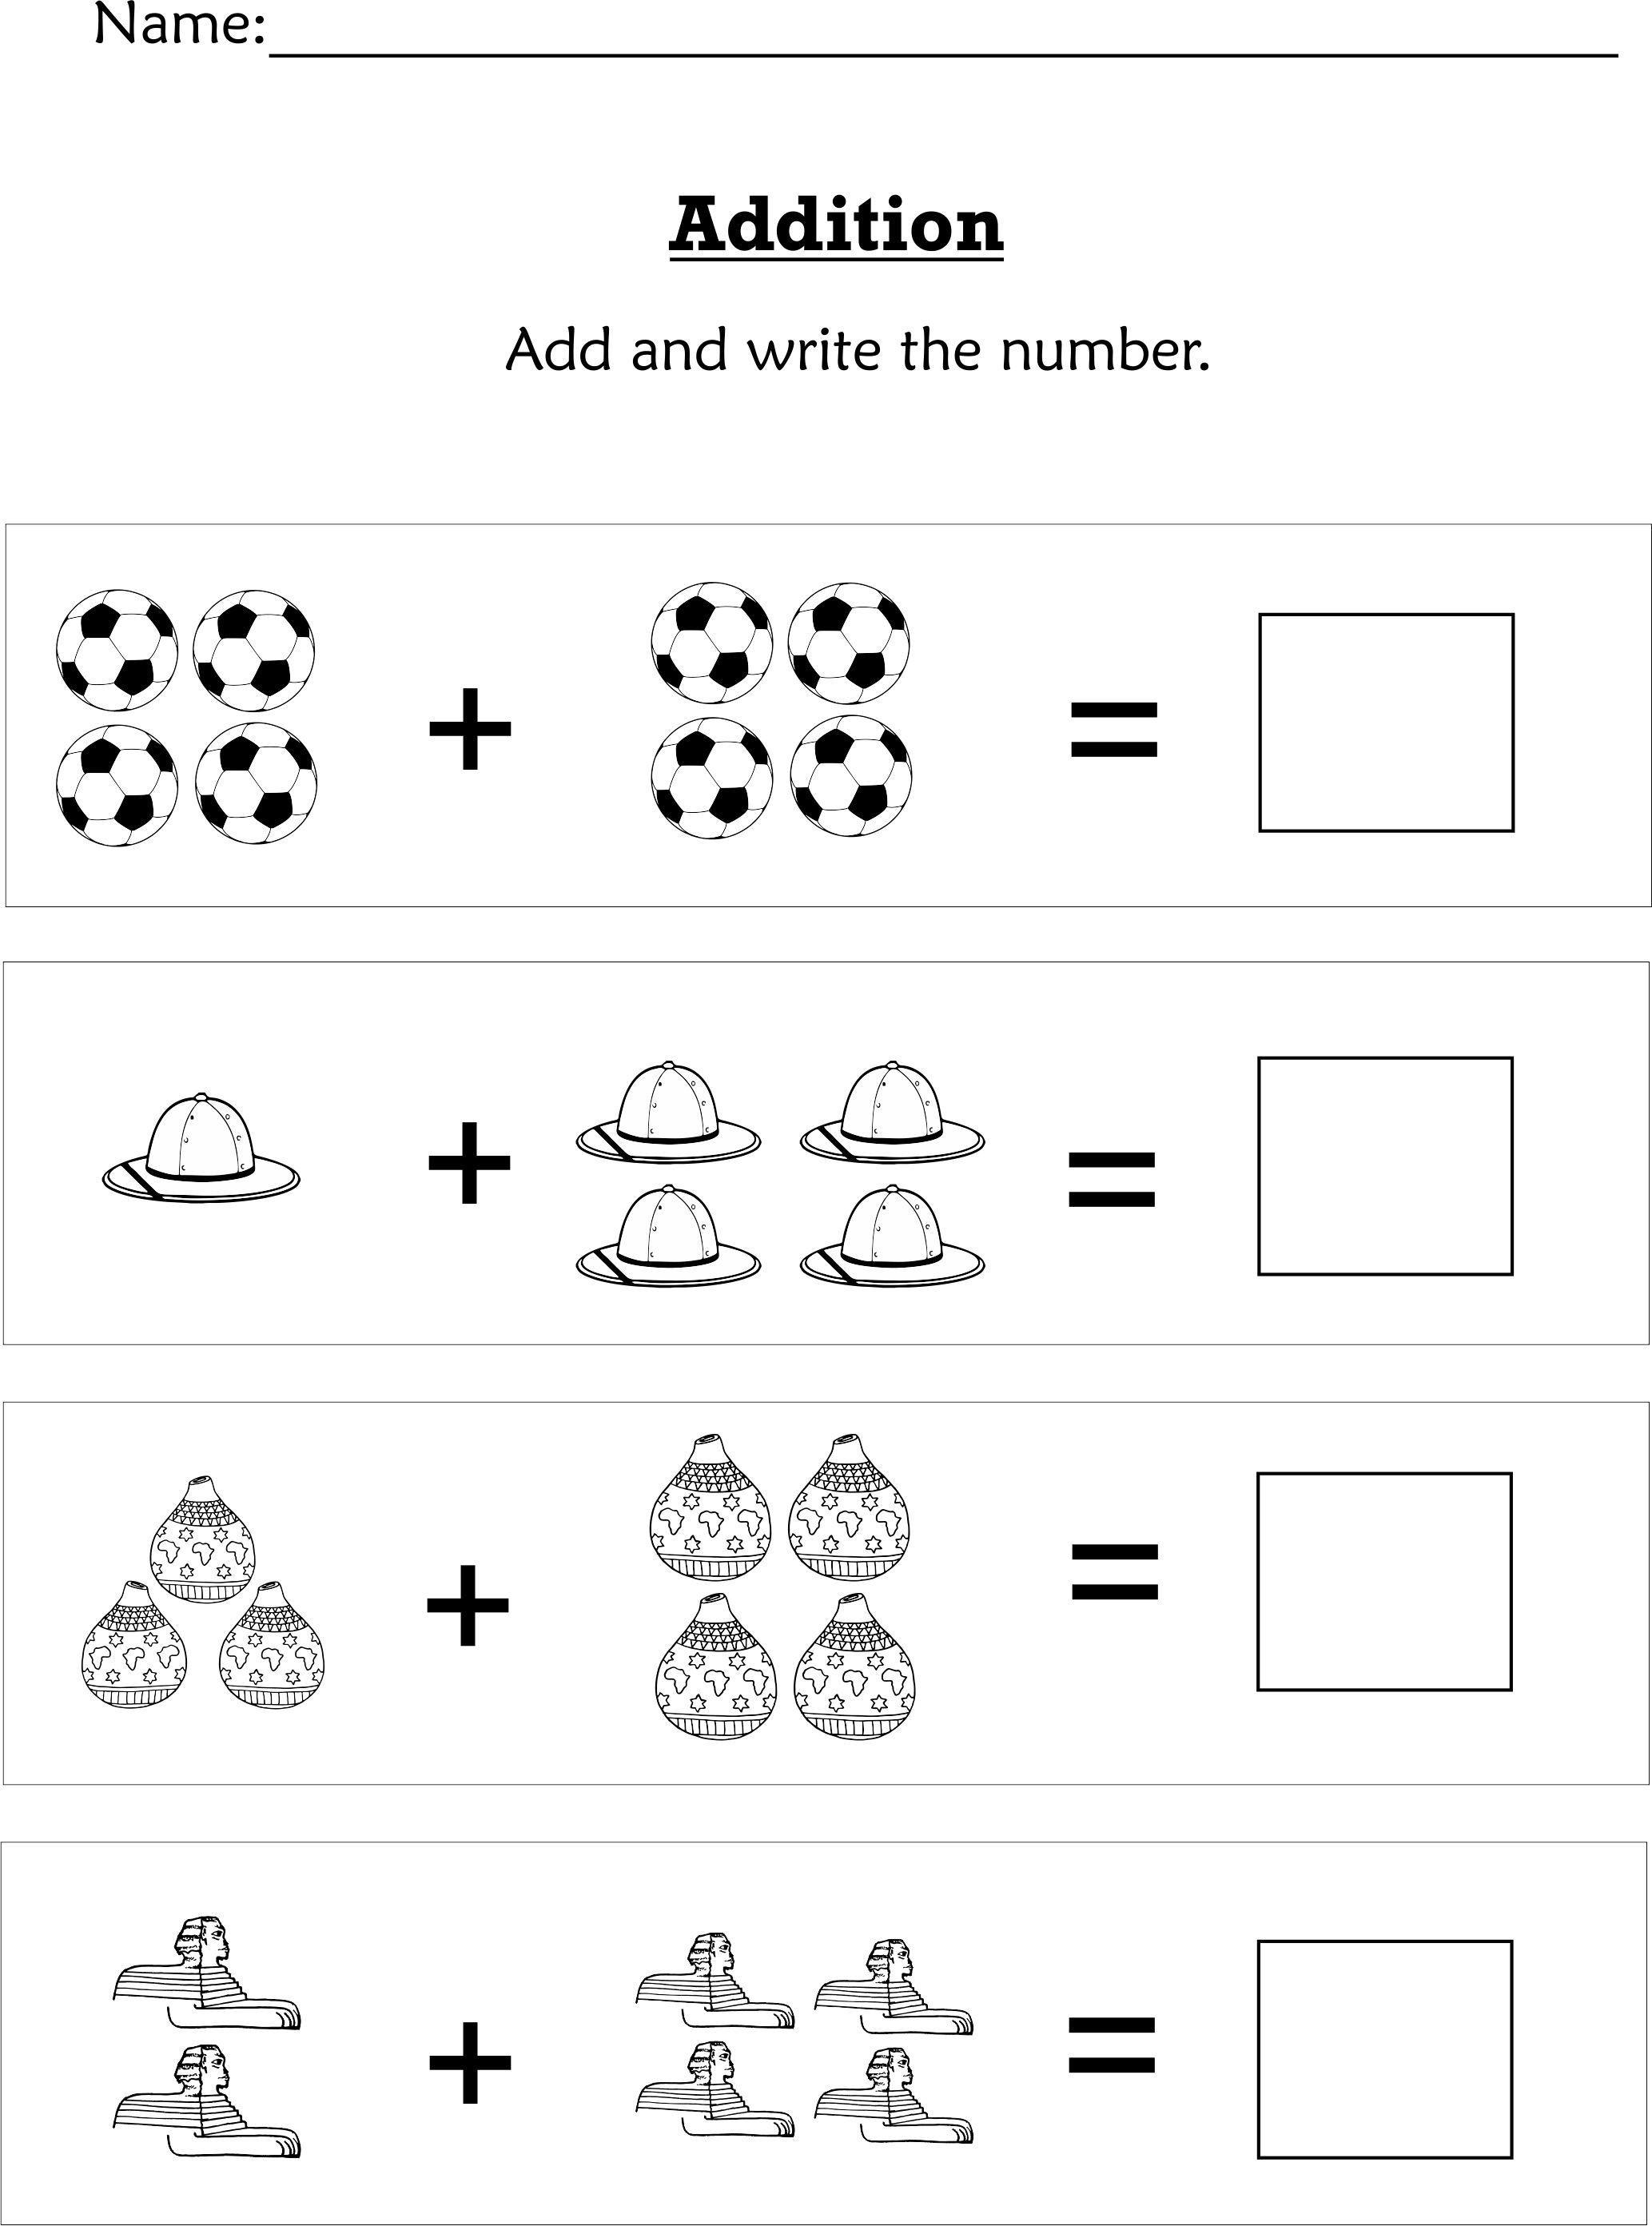 Simple Addition Worksheets for Kindergarten Simple Addition for Preschoolers or Early Kindergartners